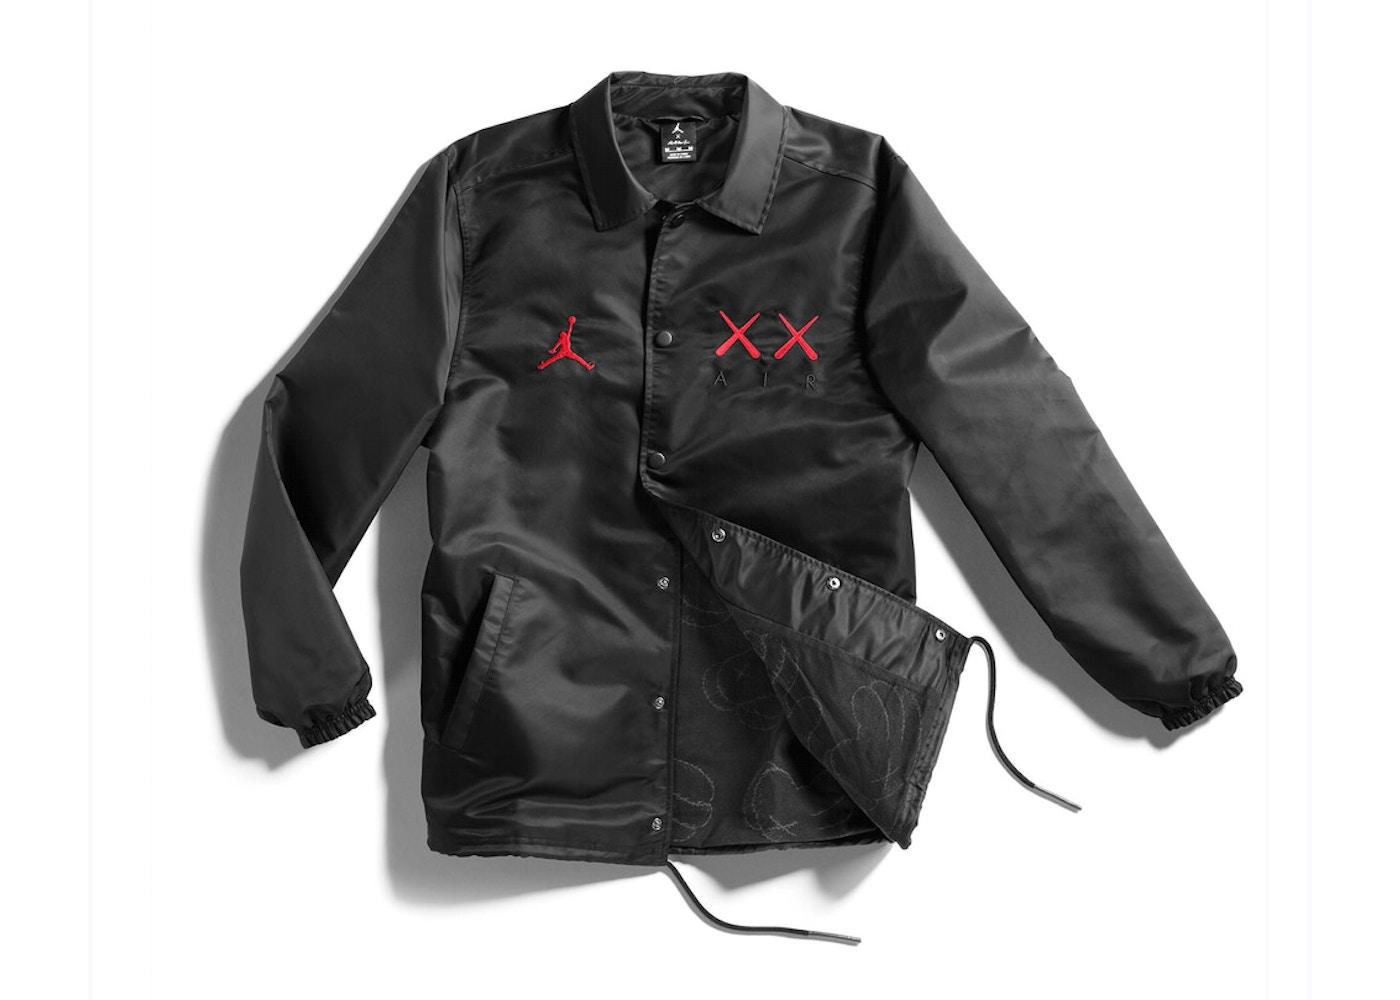 3c1aa87c3d3 Sell. or Ask. Size M. View All Bids. KAWS x Jordan Satin Coaches Jacket  Black